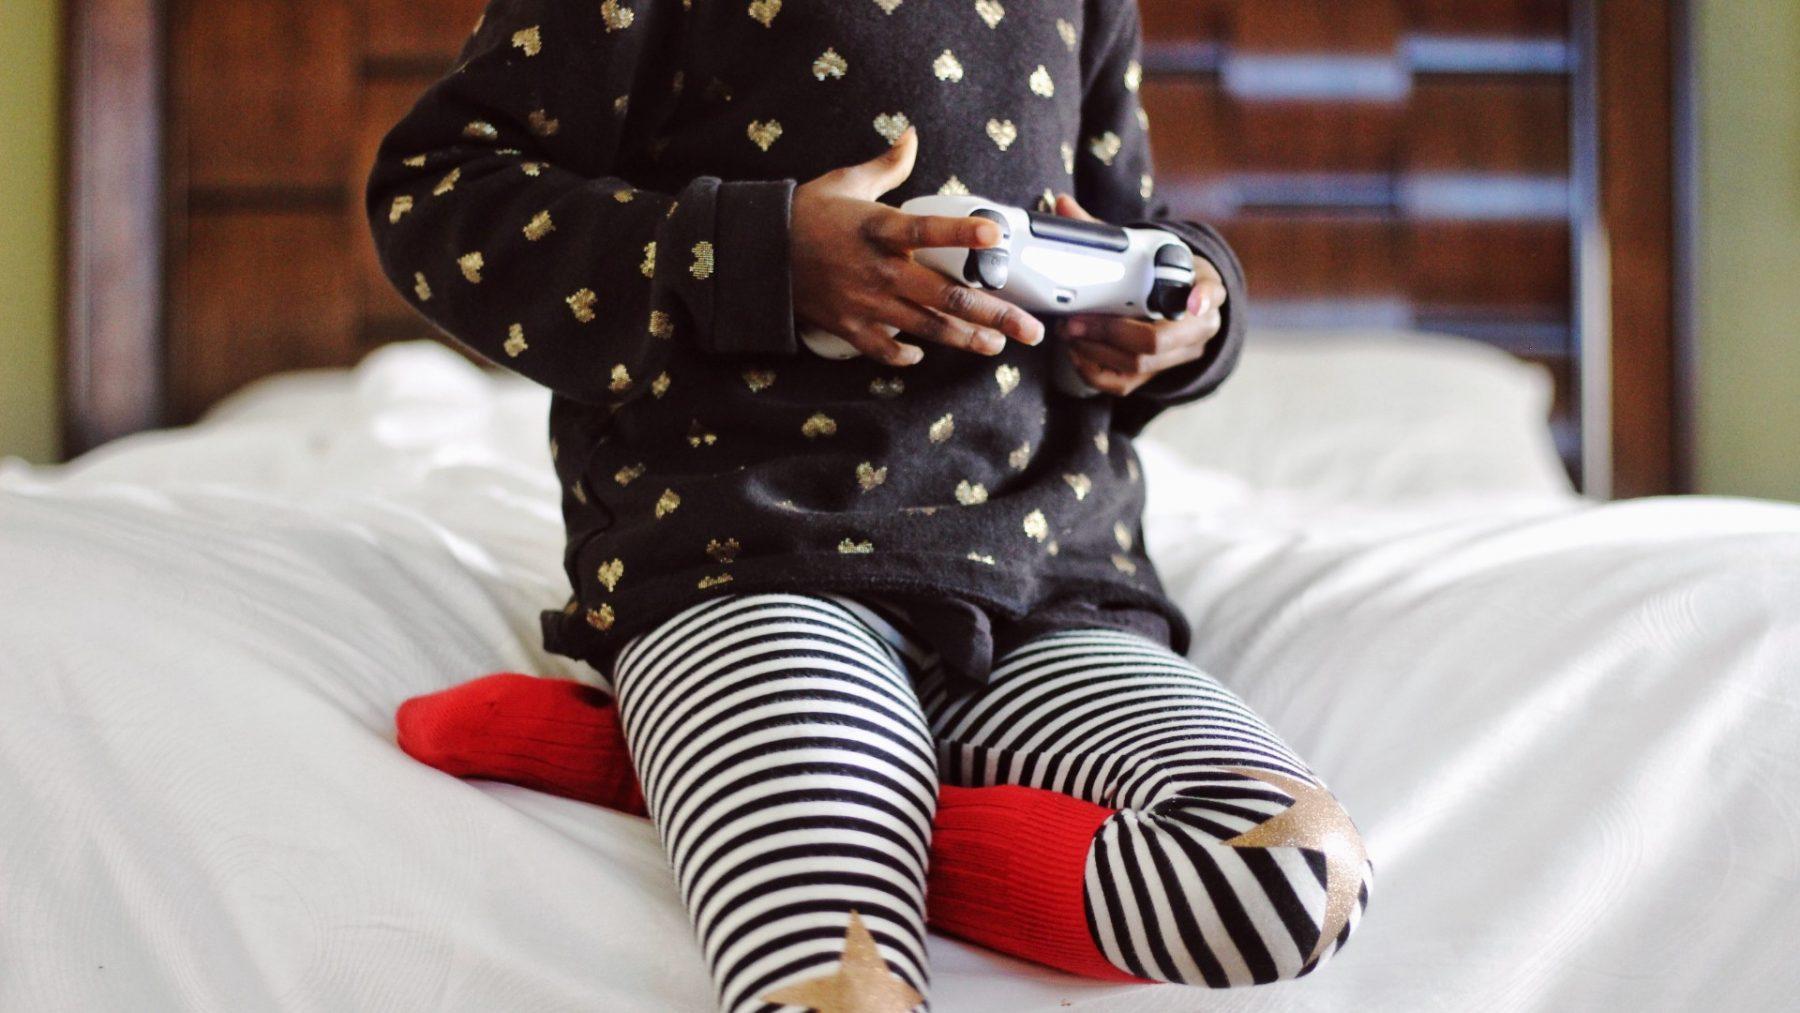 Gamen als medicijn tegen ADHD: dit spel biedt uitkomst